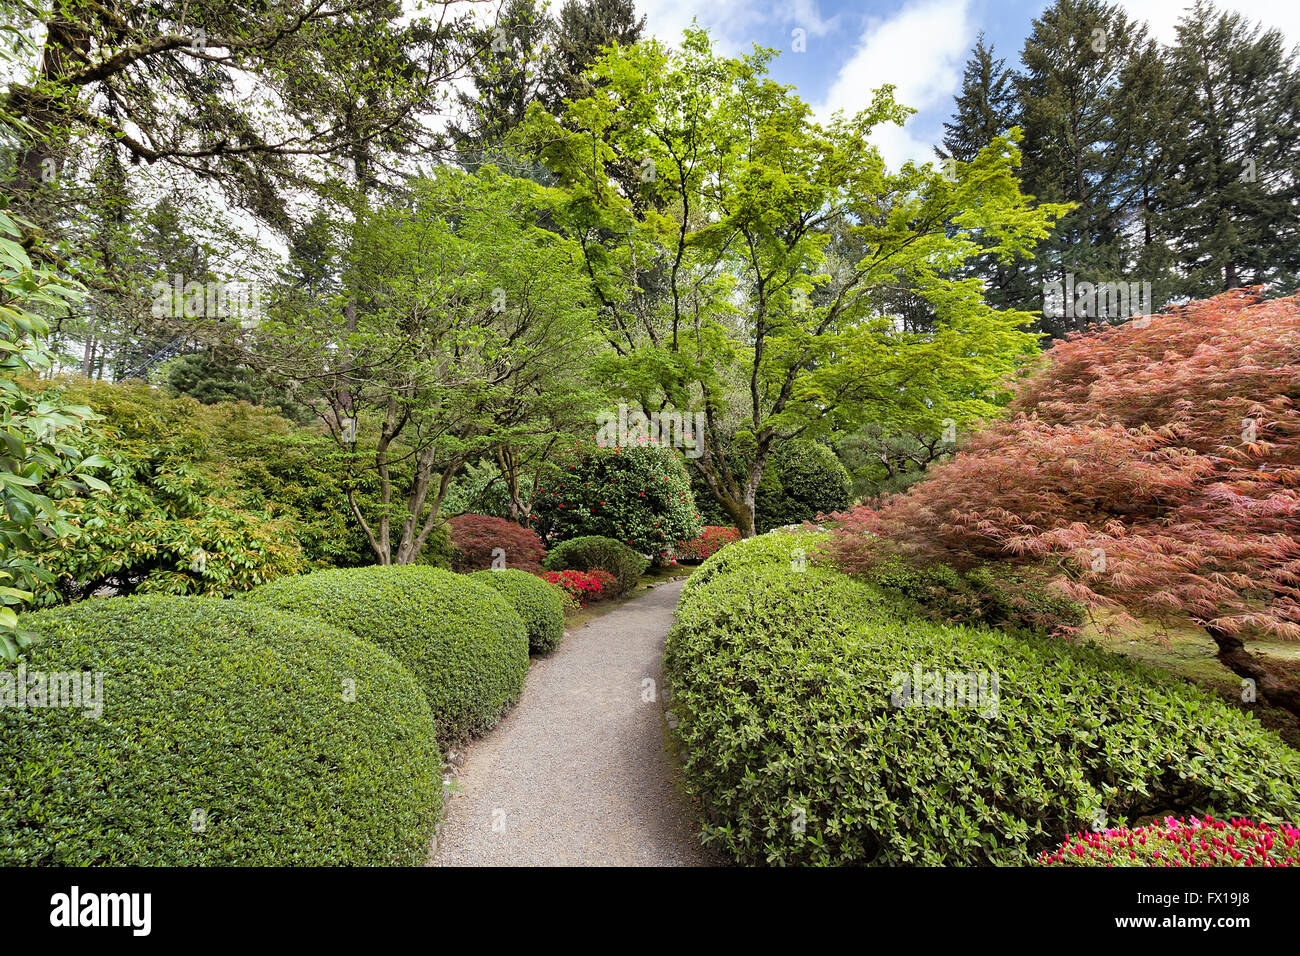 Jardin japonais plantes top photo of france toulouse - Couvre sol jardin japonais ...